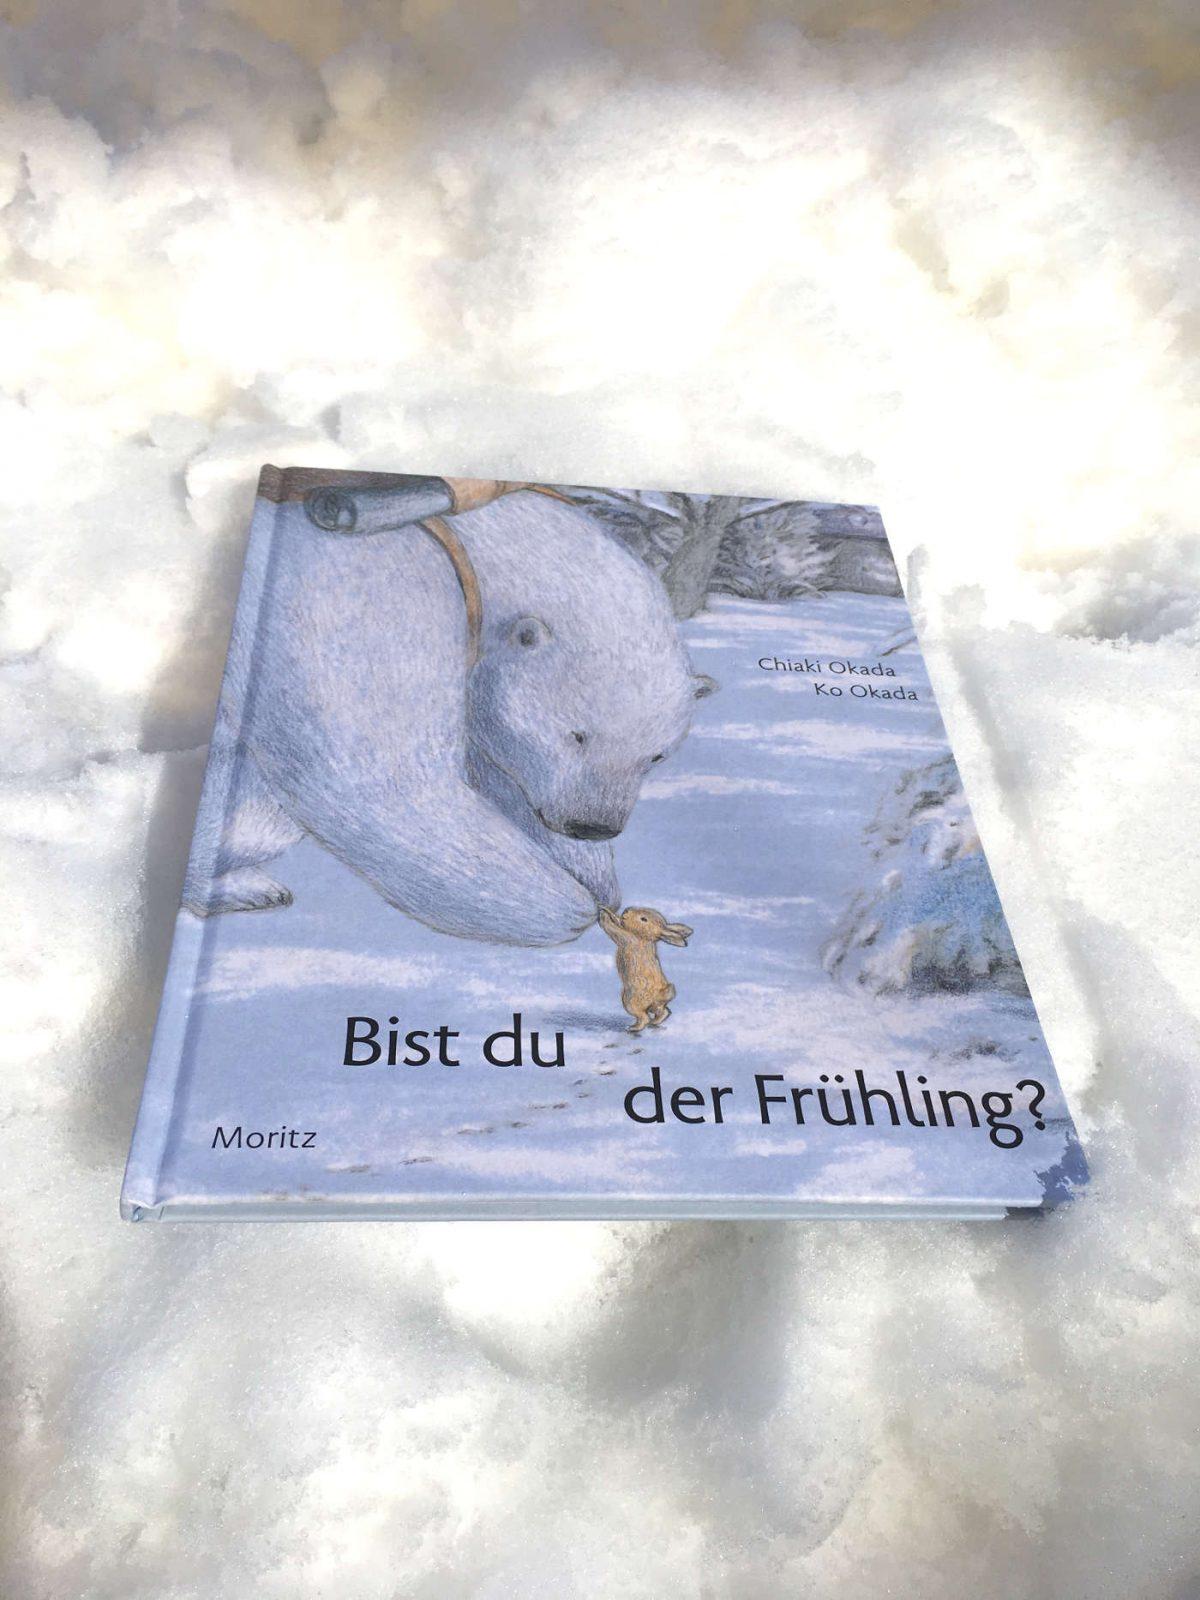 Chiaki Okada Ko Okada Bist du der Frühling? Bilderbuchtipp Buchempfehlung für Kinder Brigitte Wallingers Kinderbuchblog Jugendbuchblog Buchempfehlung Vorlesebuch